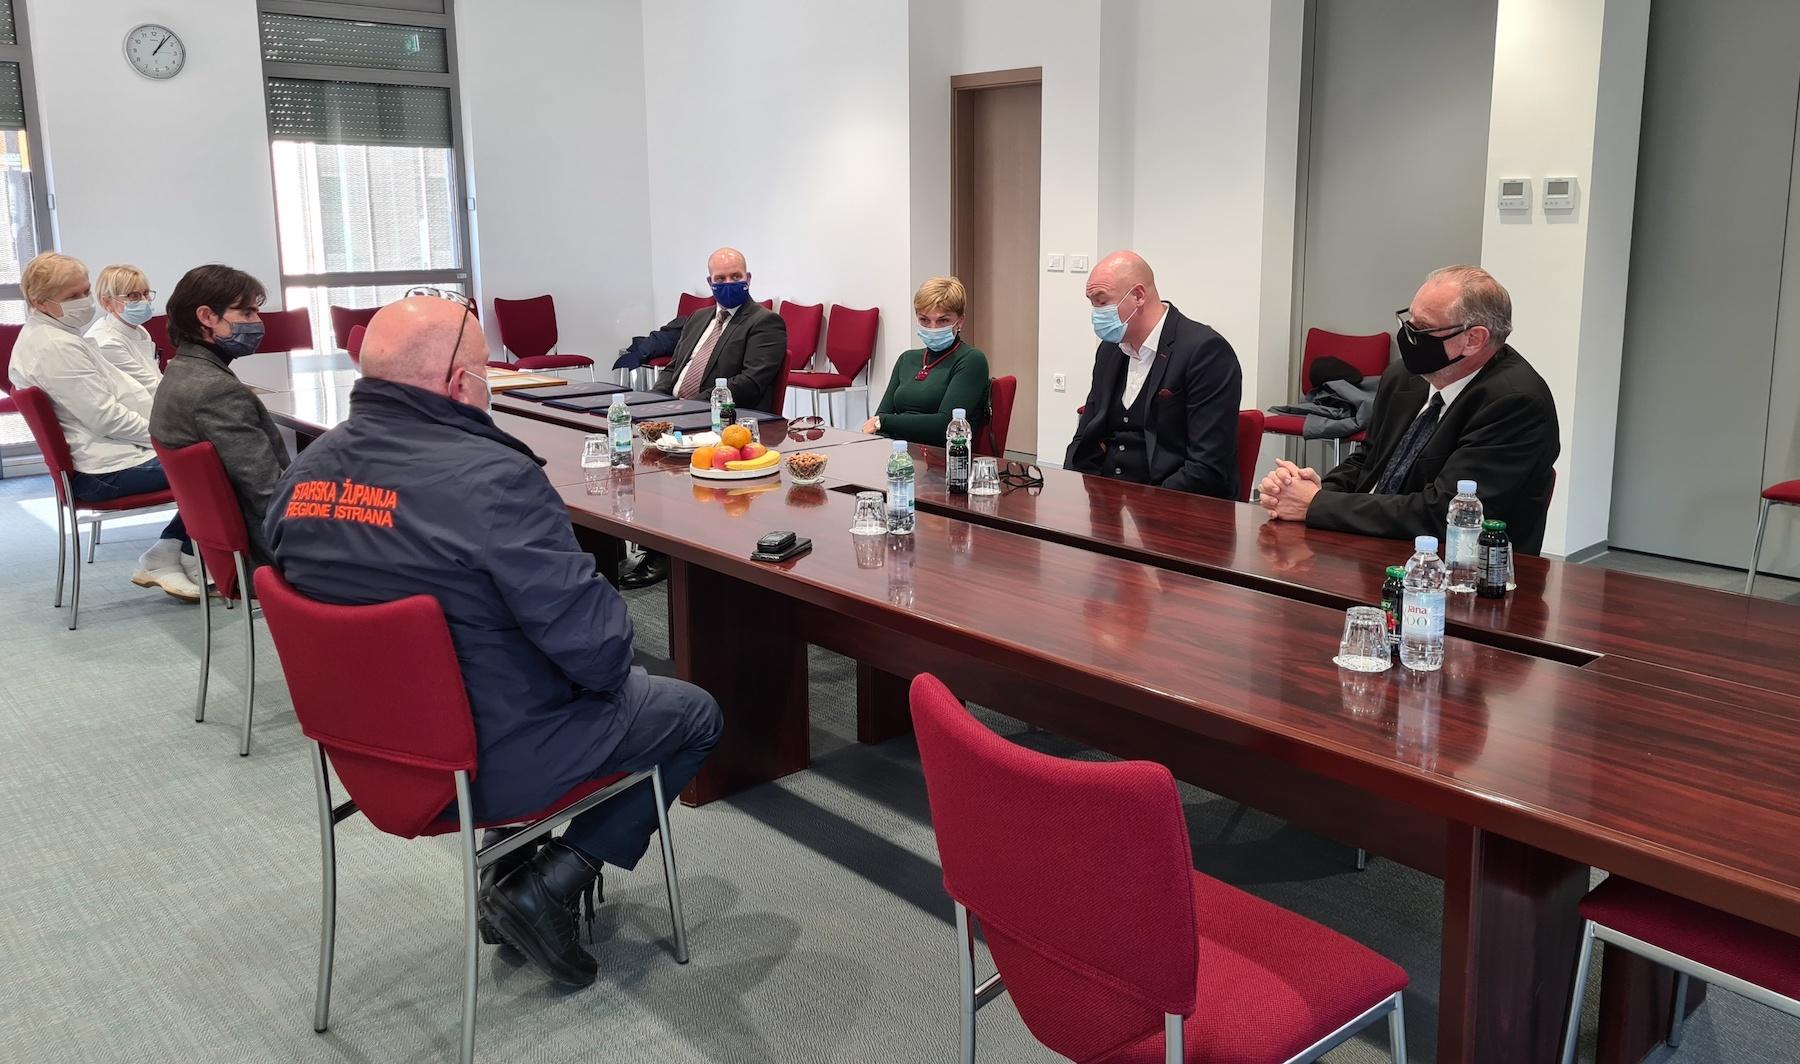 Sportska Hrvatska Sastanak za rezime Poreca: »Judo organizacija u Porecu je primjer svima u sportu«